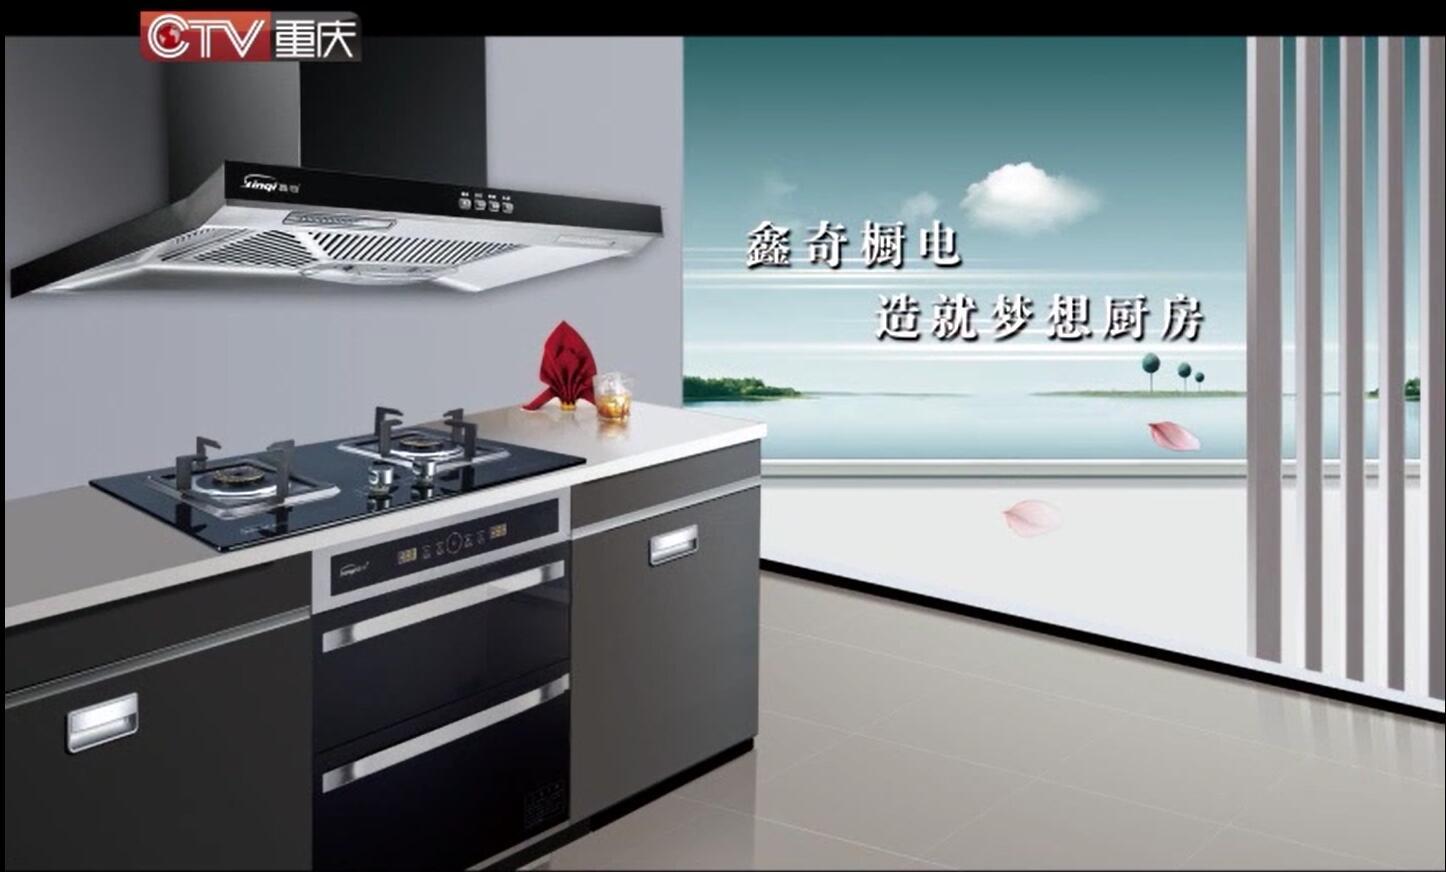 重庆卫视《鑫奇广告》